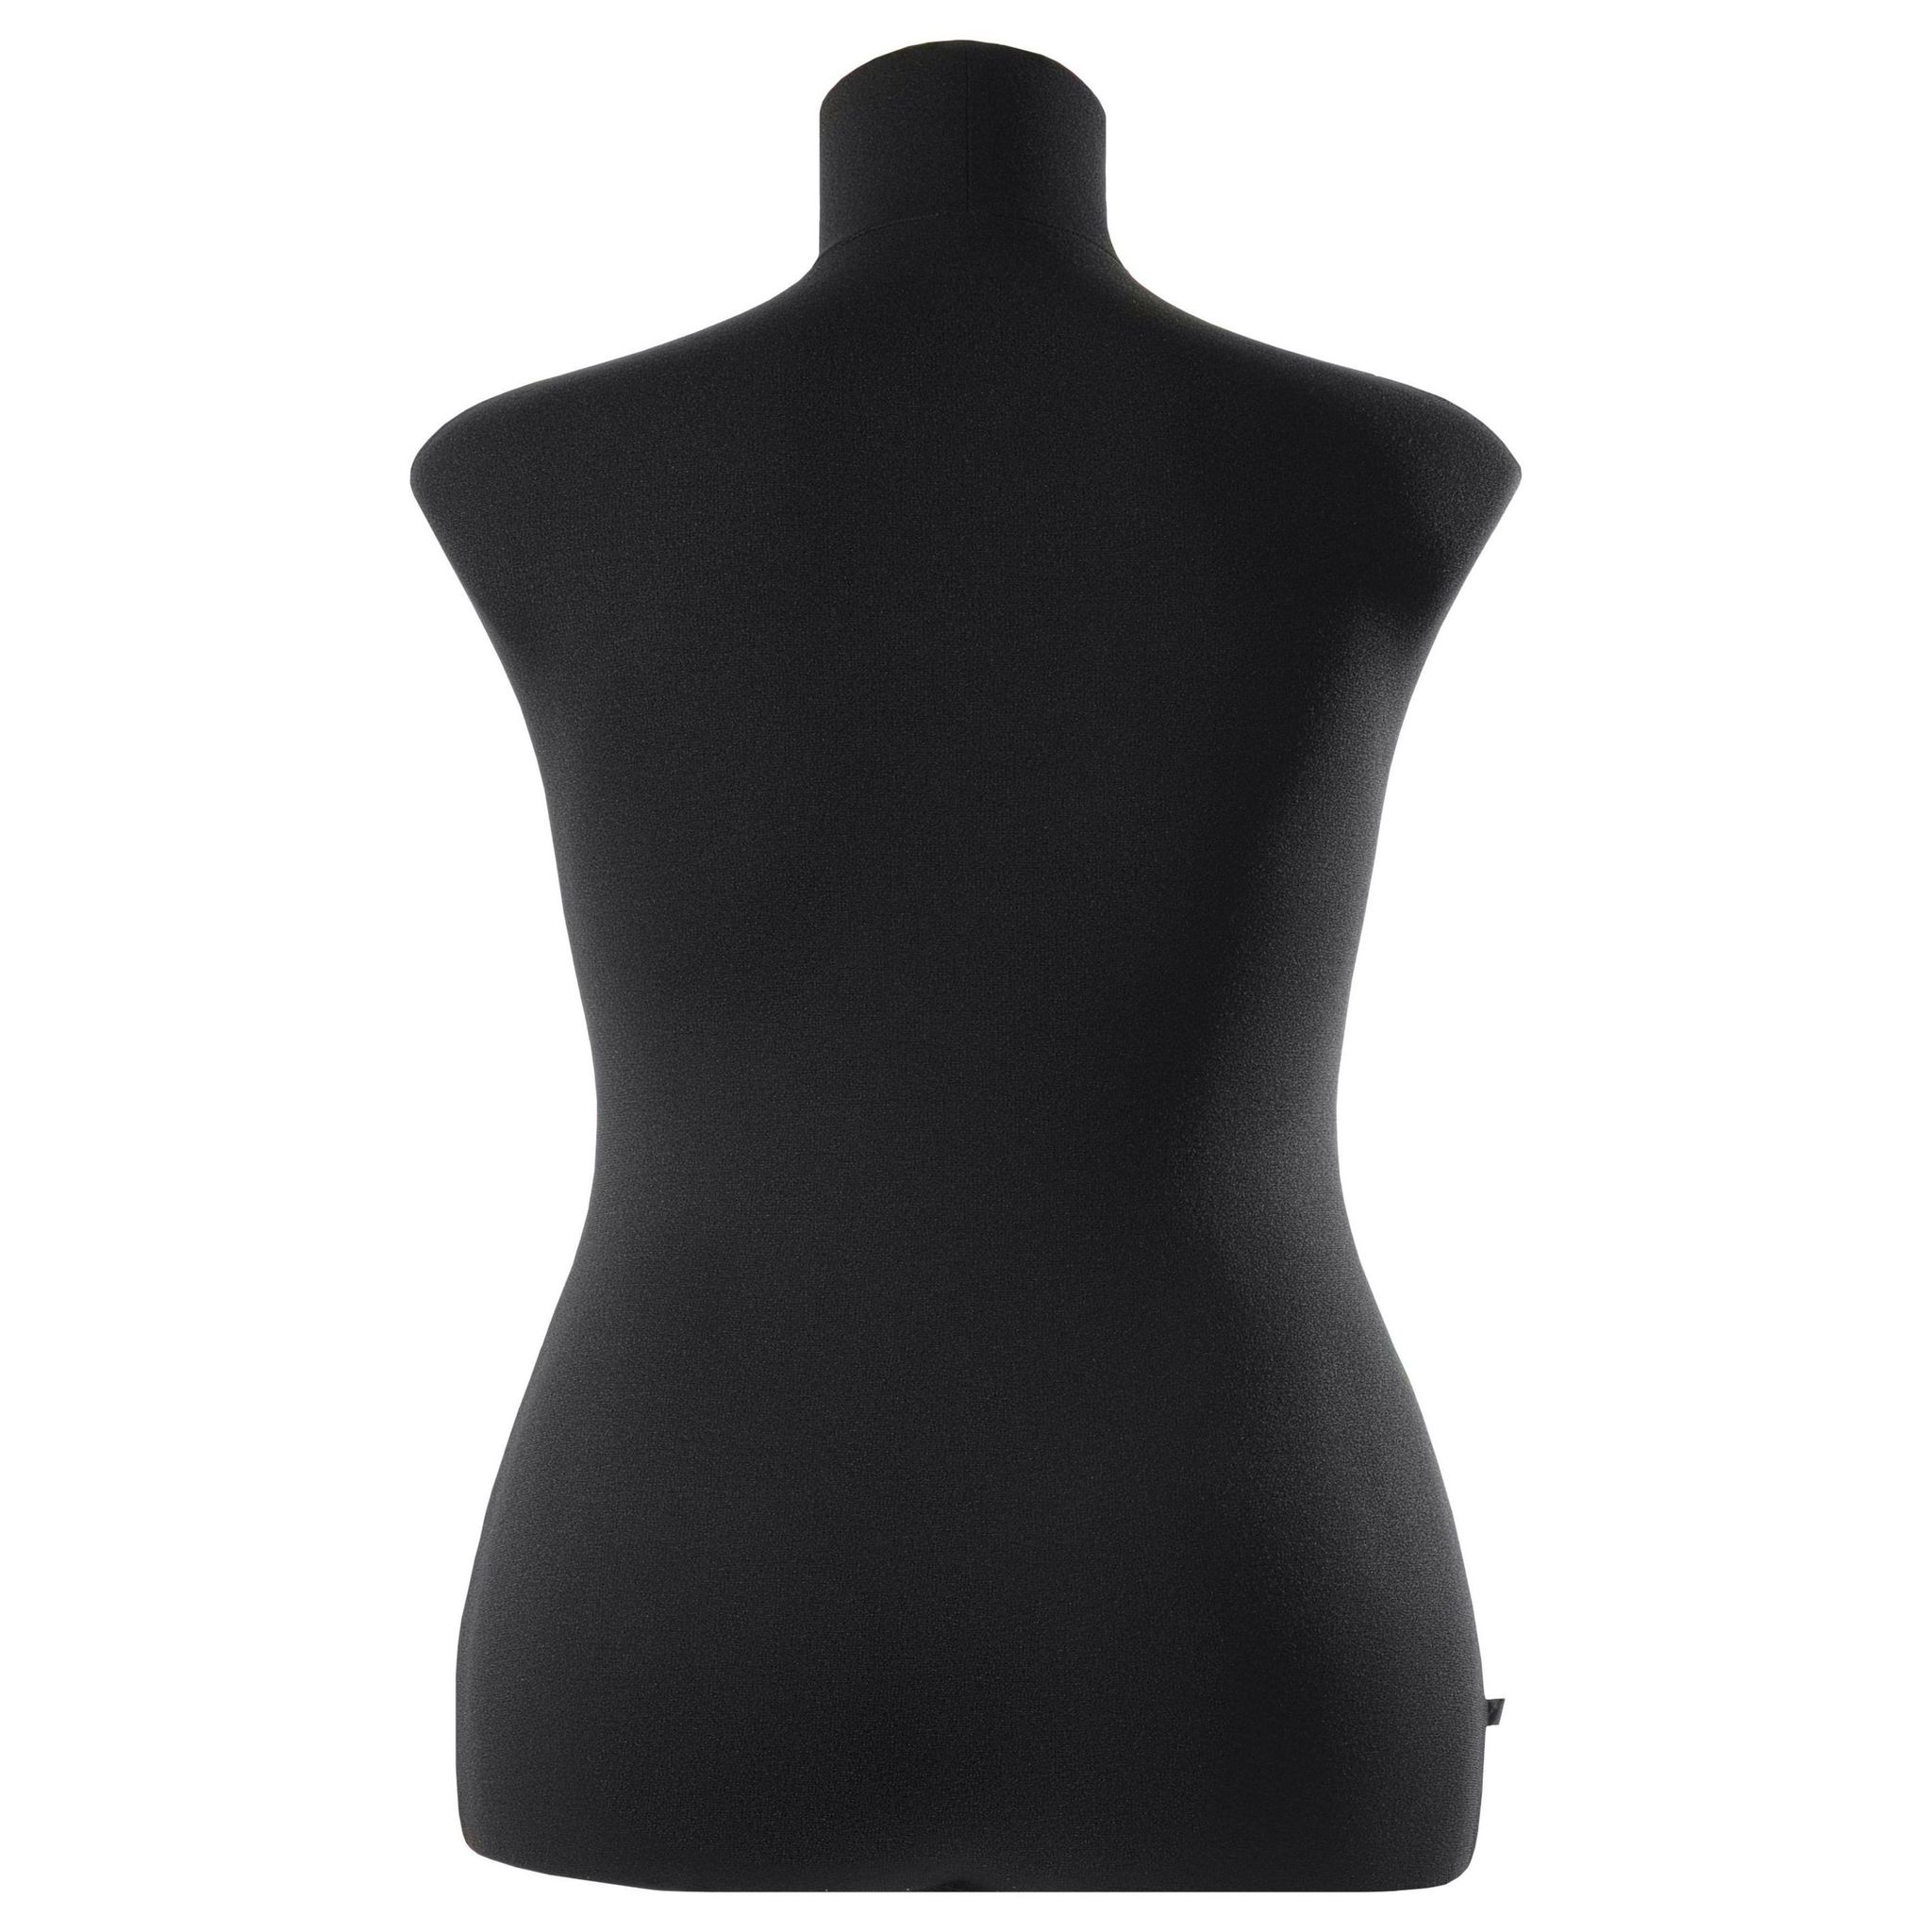 Манекен портновский Кристина, комплект Стандарт, размер 52, ЧерныйФото 1